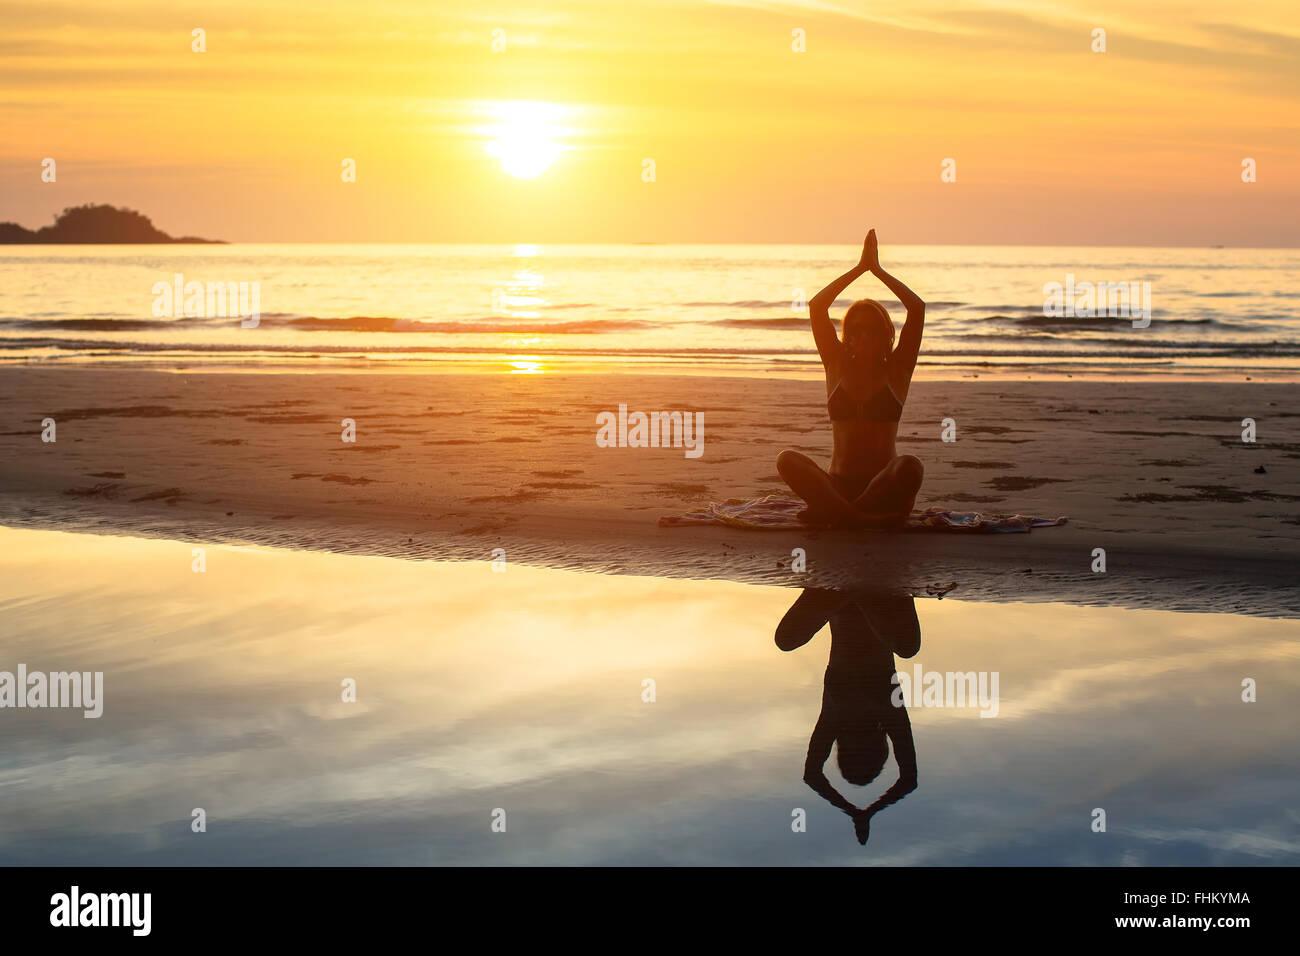 Silhouette de femme assise sur la plage pendant un beau coucher de soleil, avec reflet dans l'eau. Photo Stock